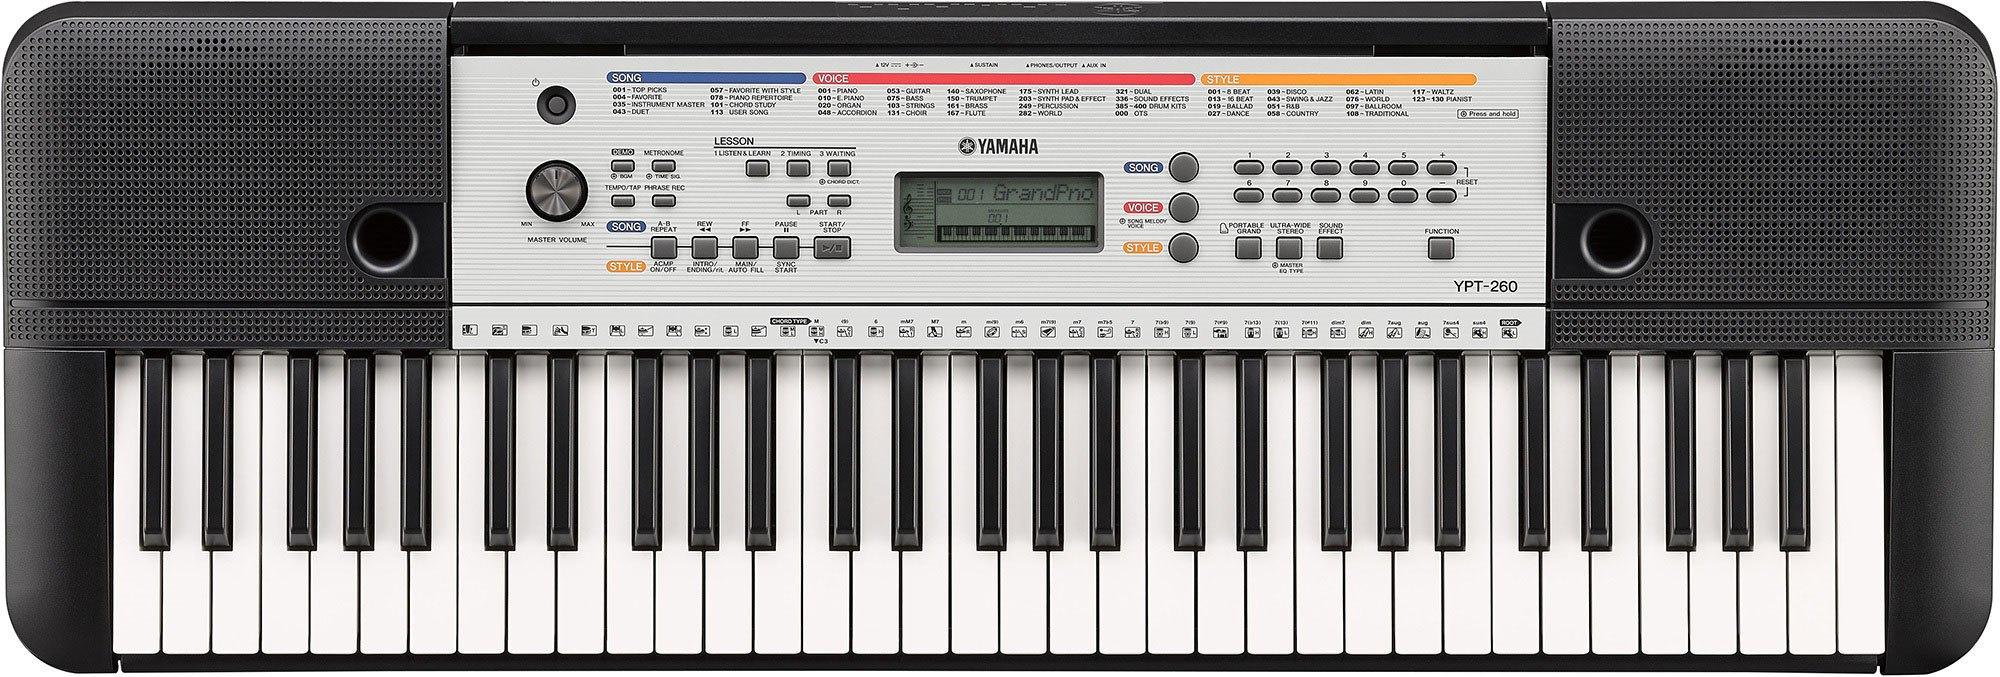 Yamaha - Ypt-260